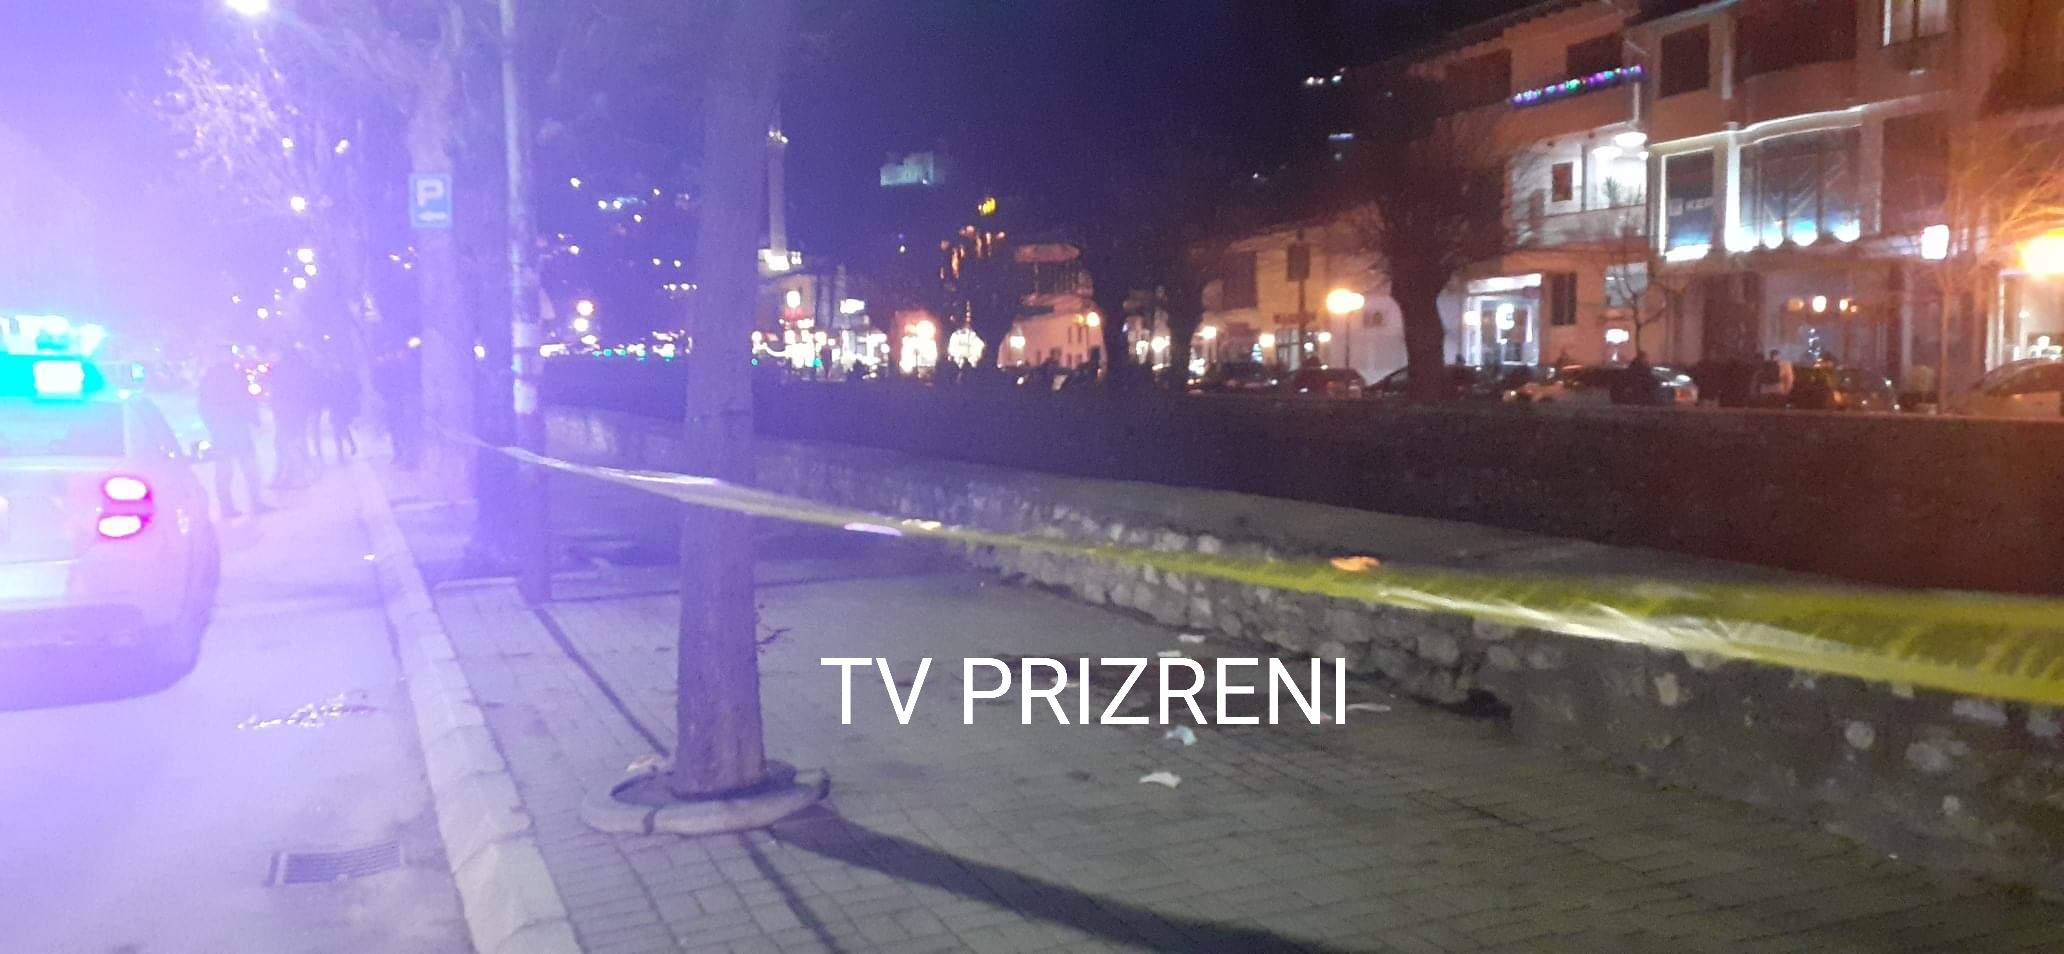 Theret me thikë një i ri në Prizren